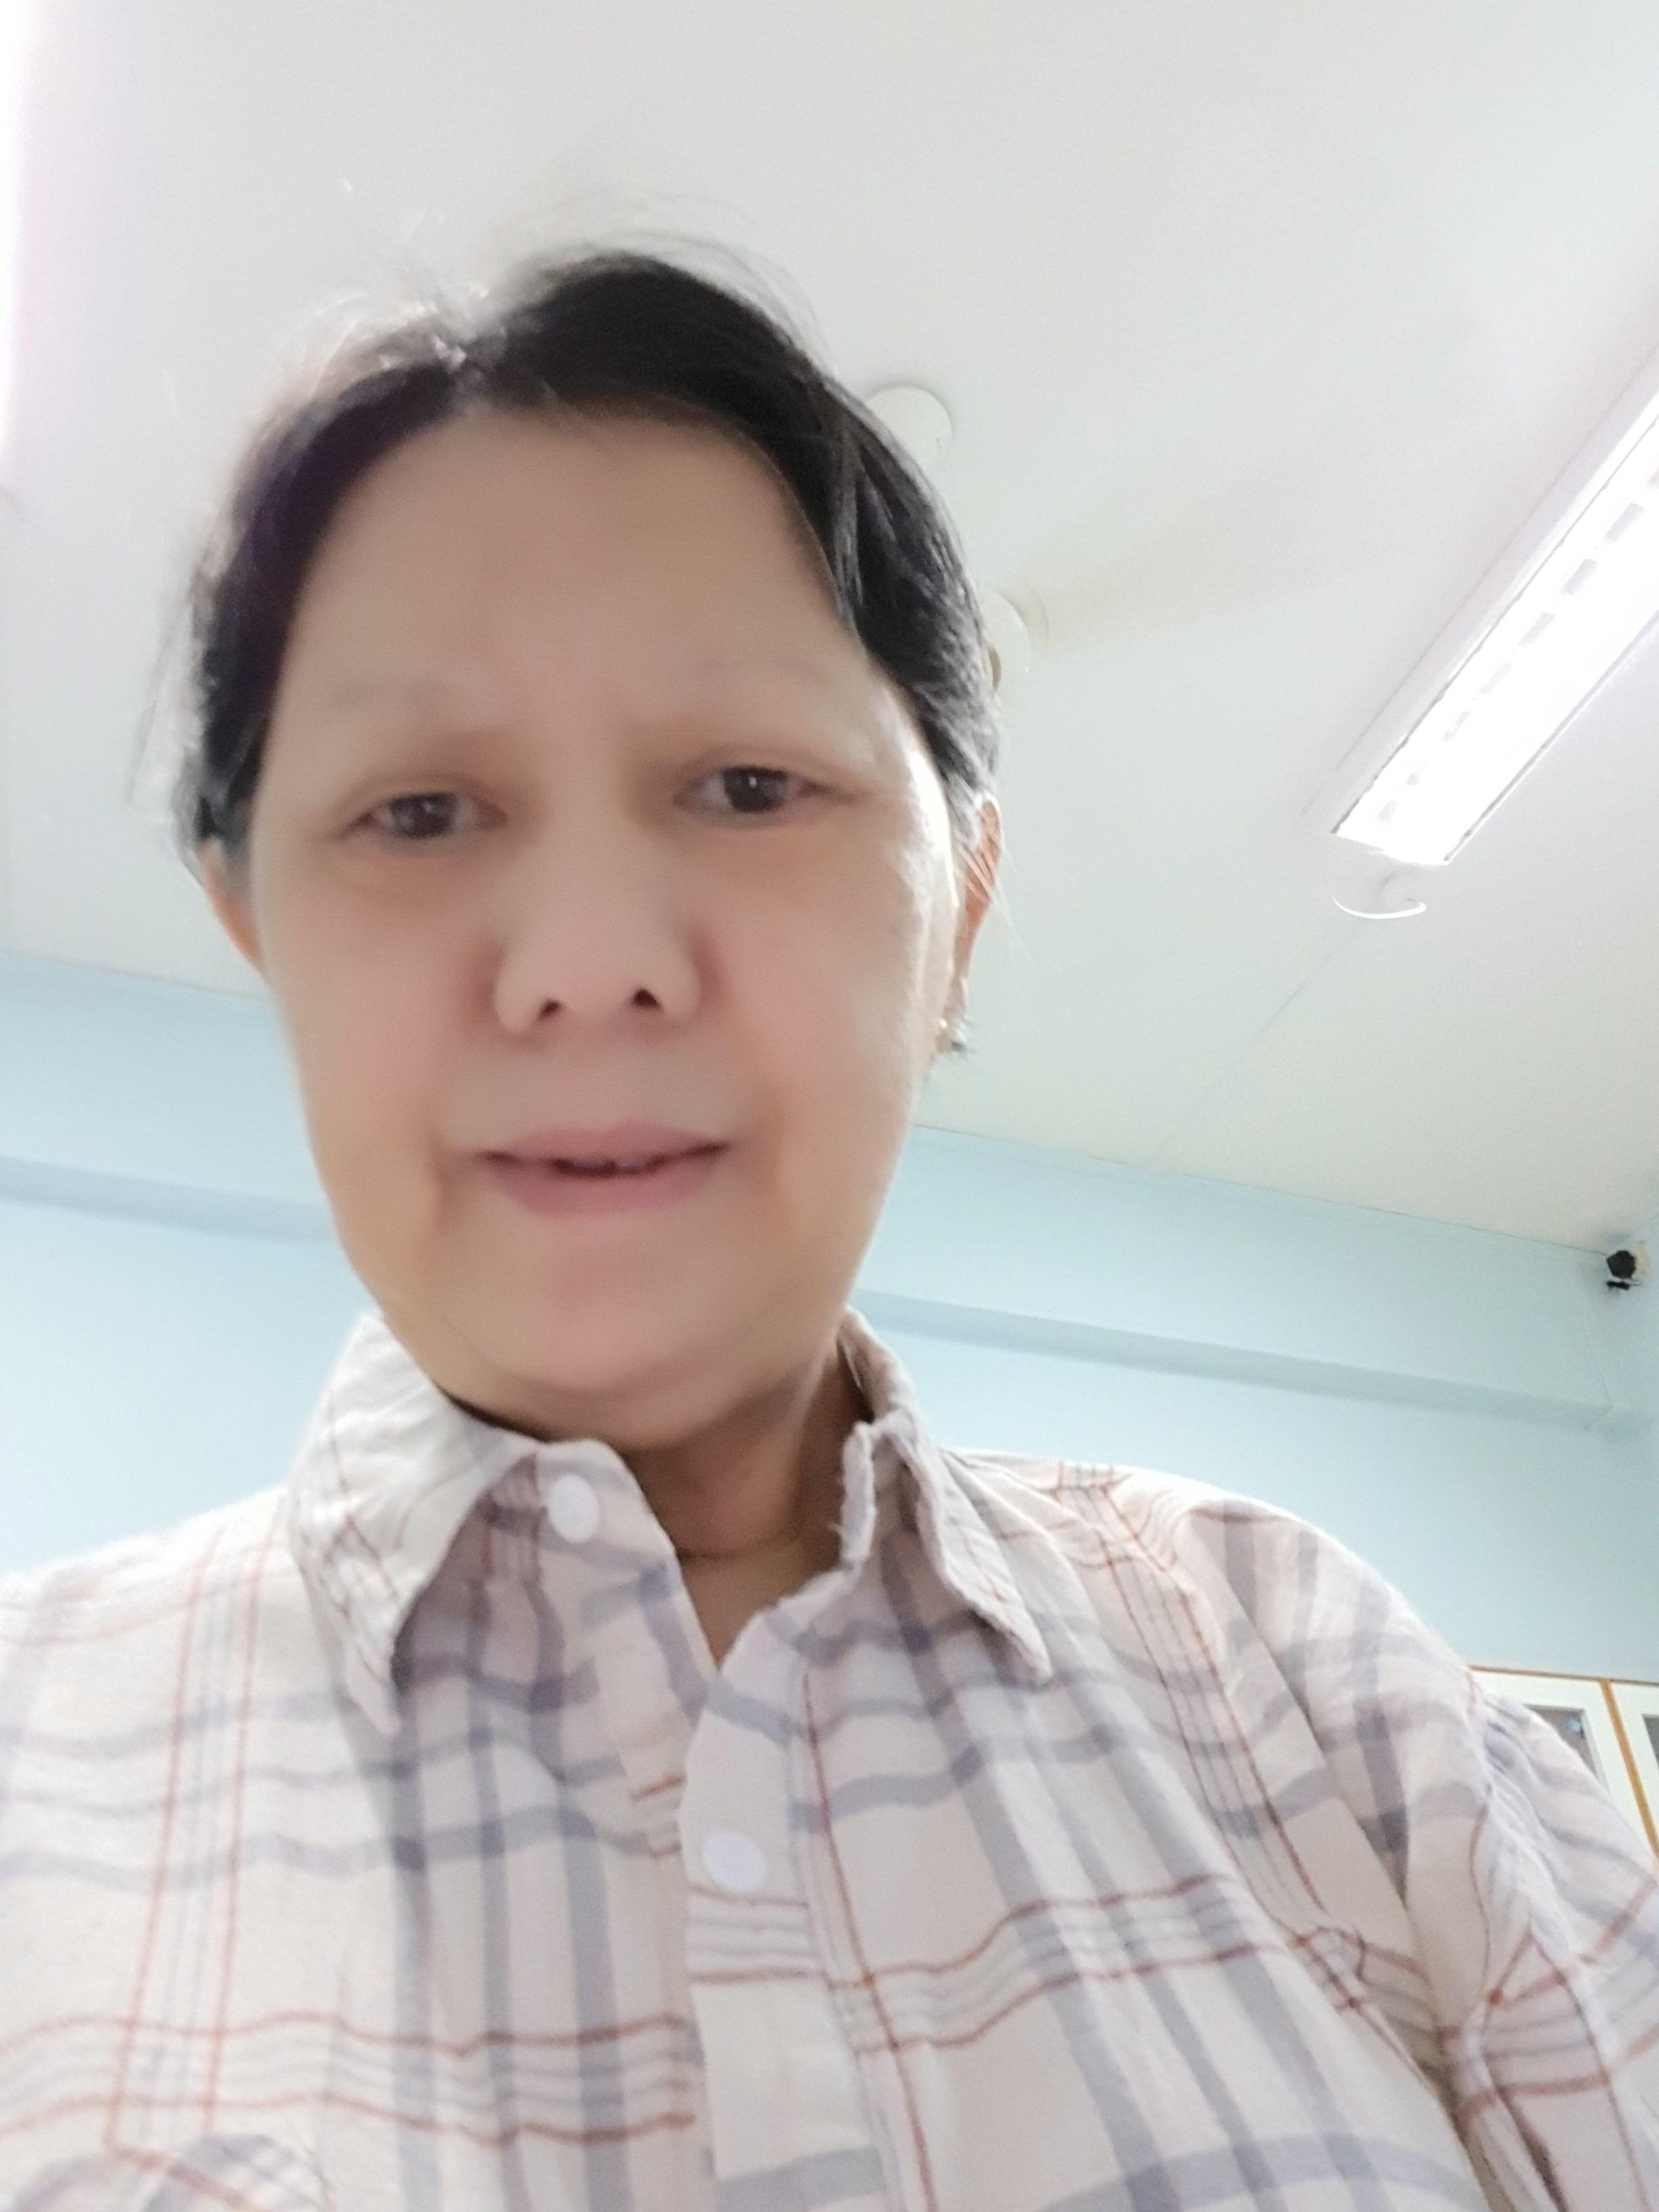 LEE OOI CHUN